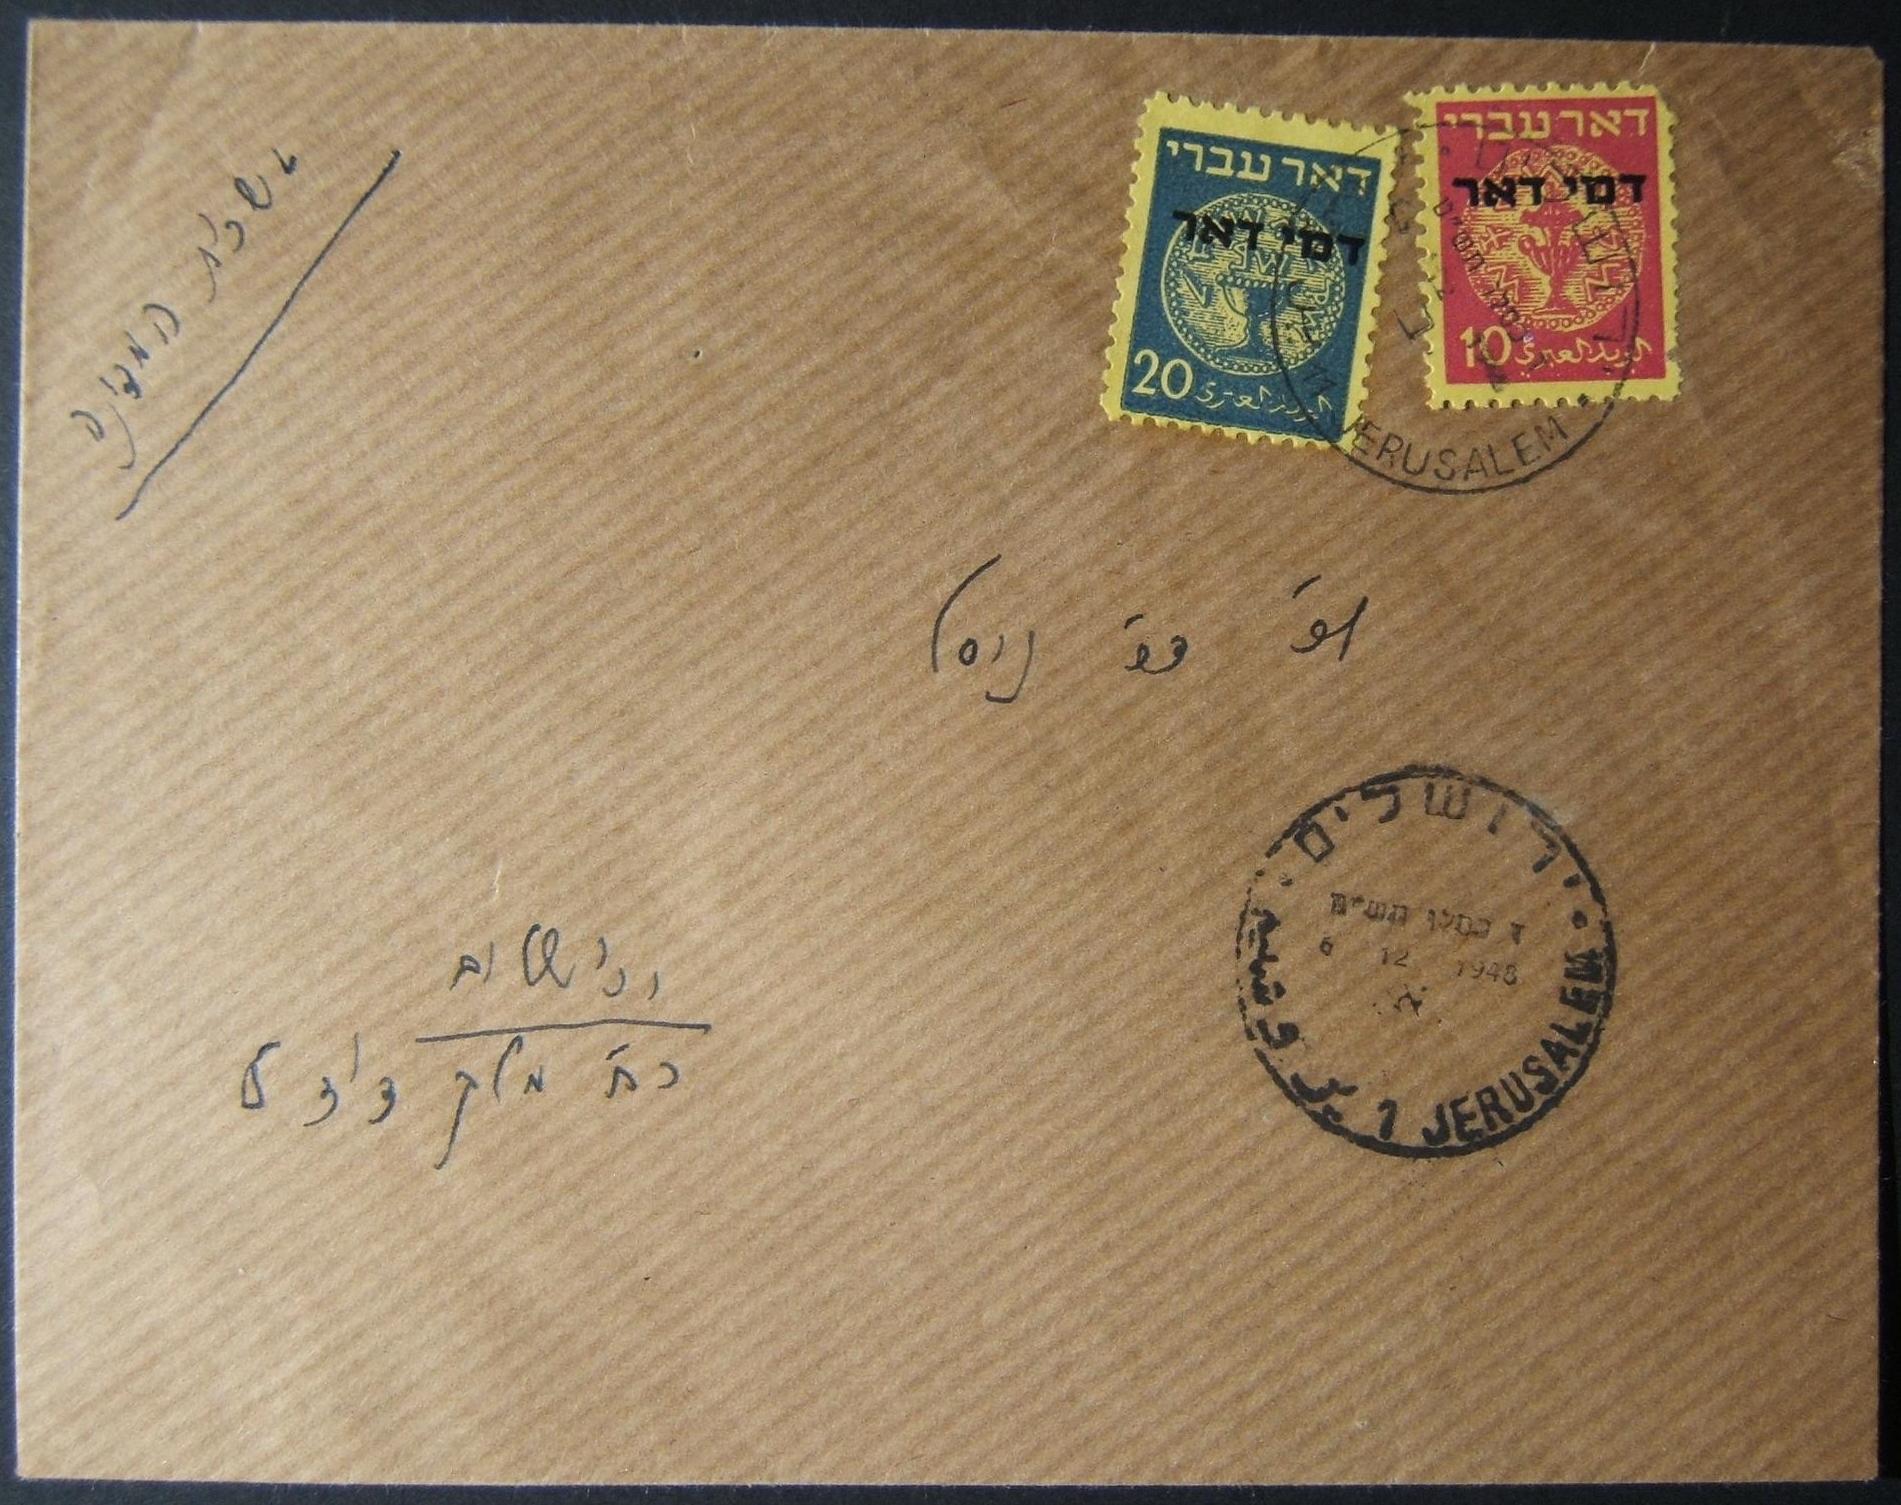 12/1948 القدس ترفض البريد الرسمي الرسمي 10pr + 20pr عن الهوية غير الصحيحة